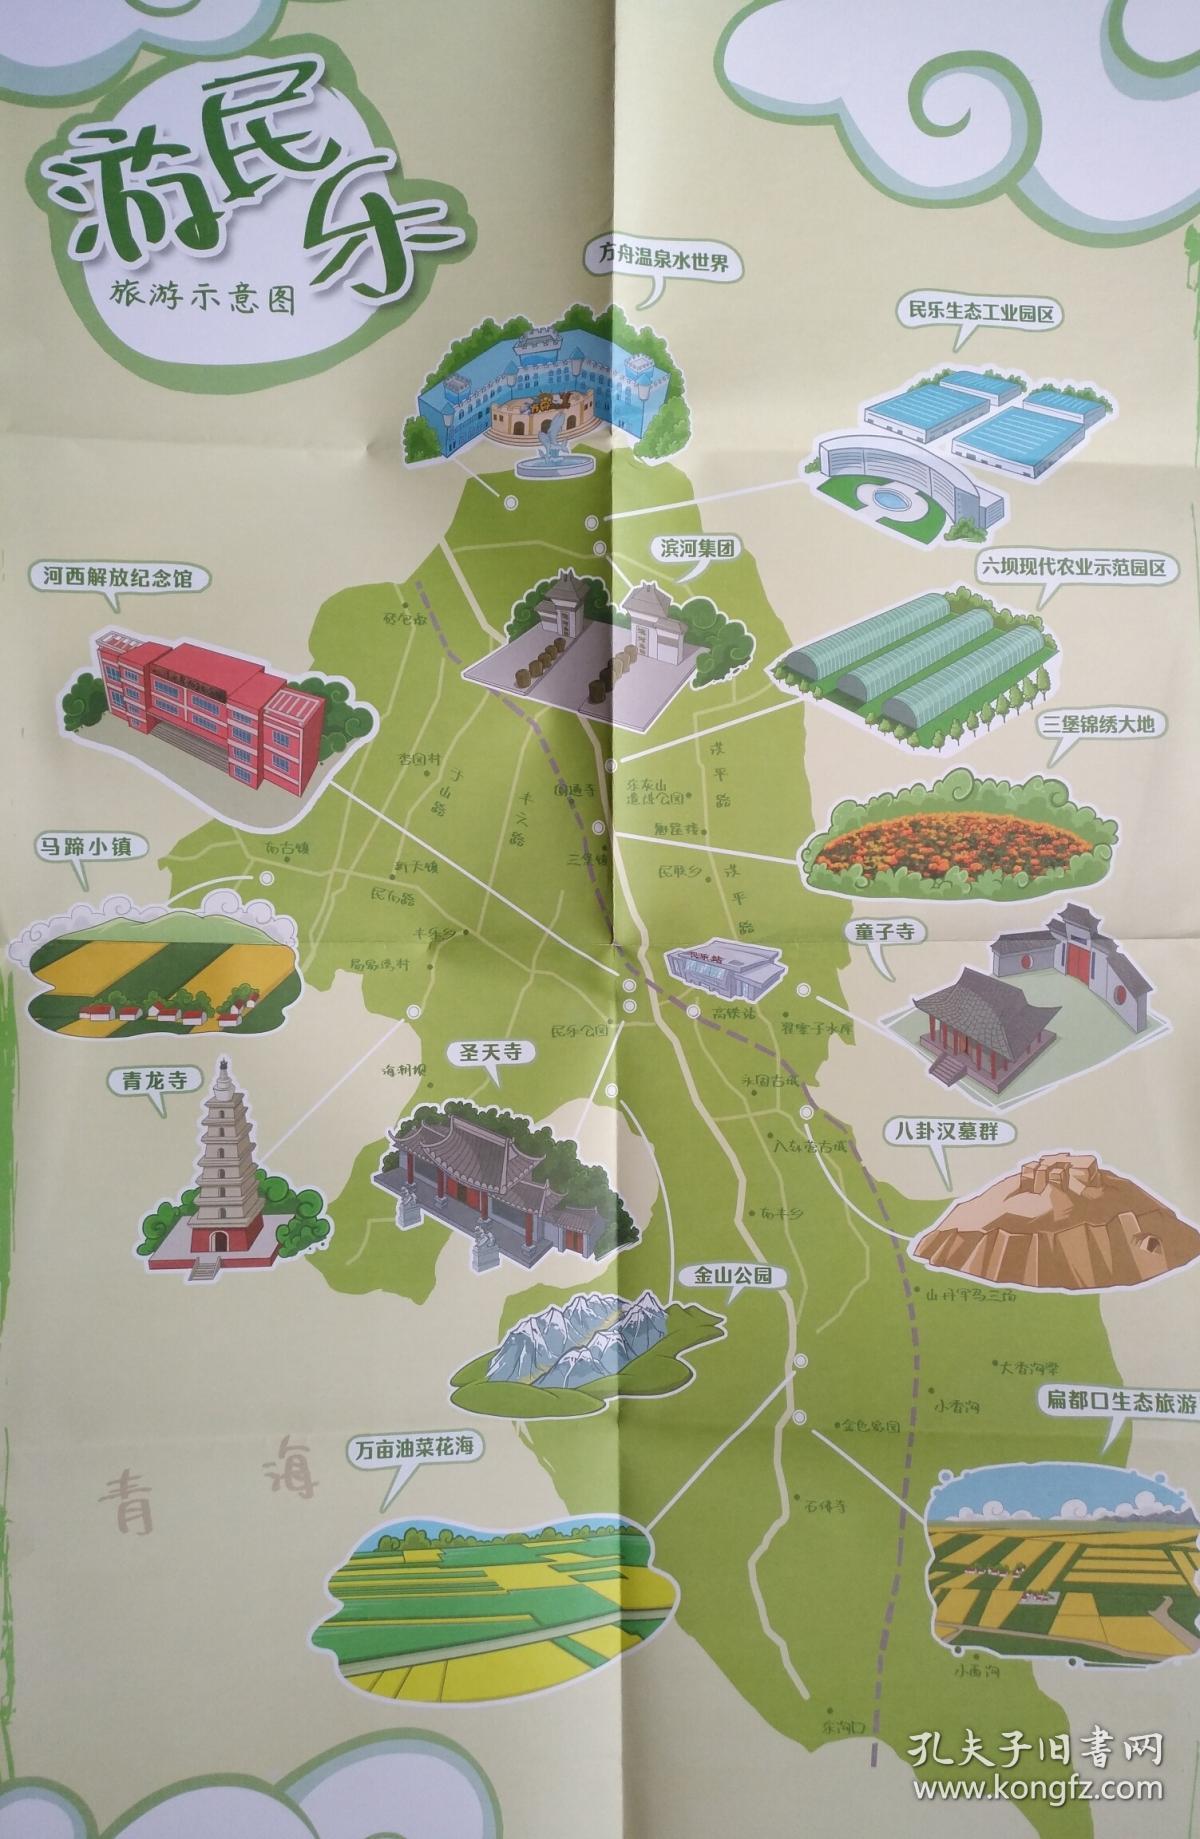 张掖市民乐县旅游手绘地图 民乐地图 民乐县地图 张掖